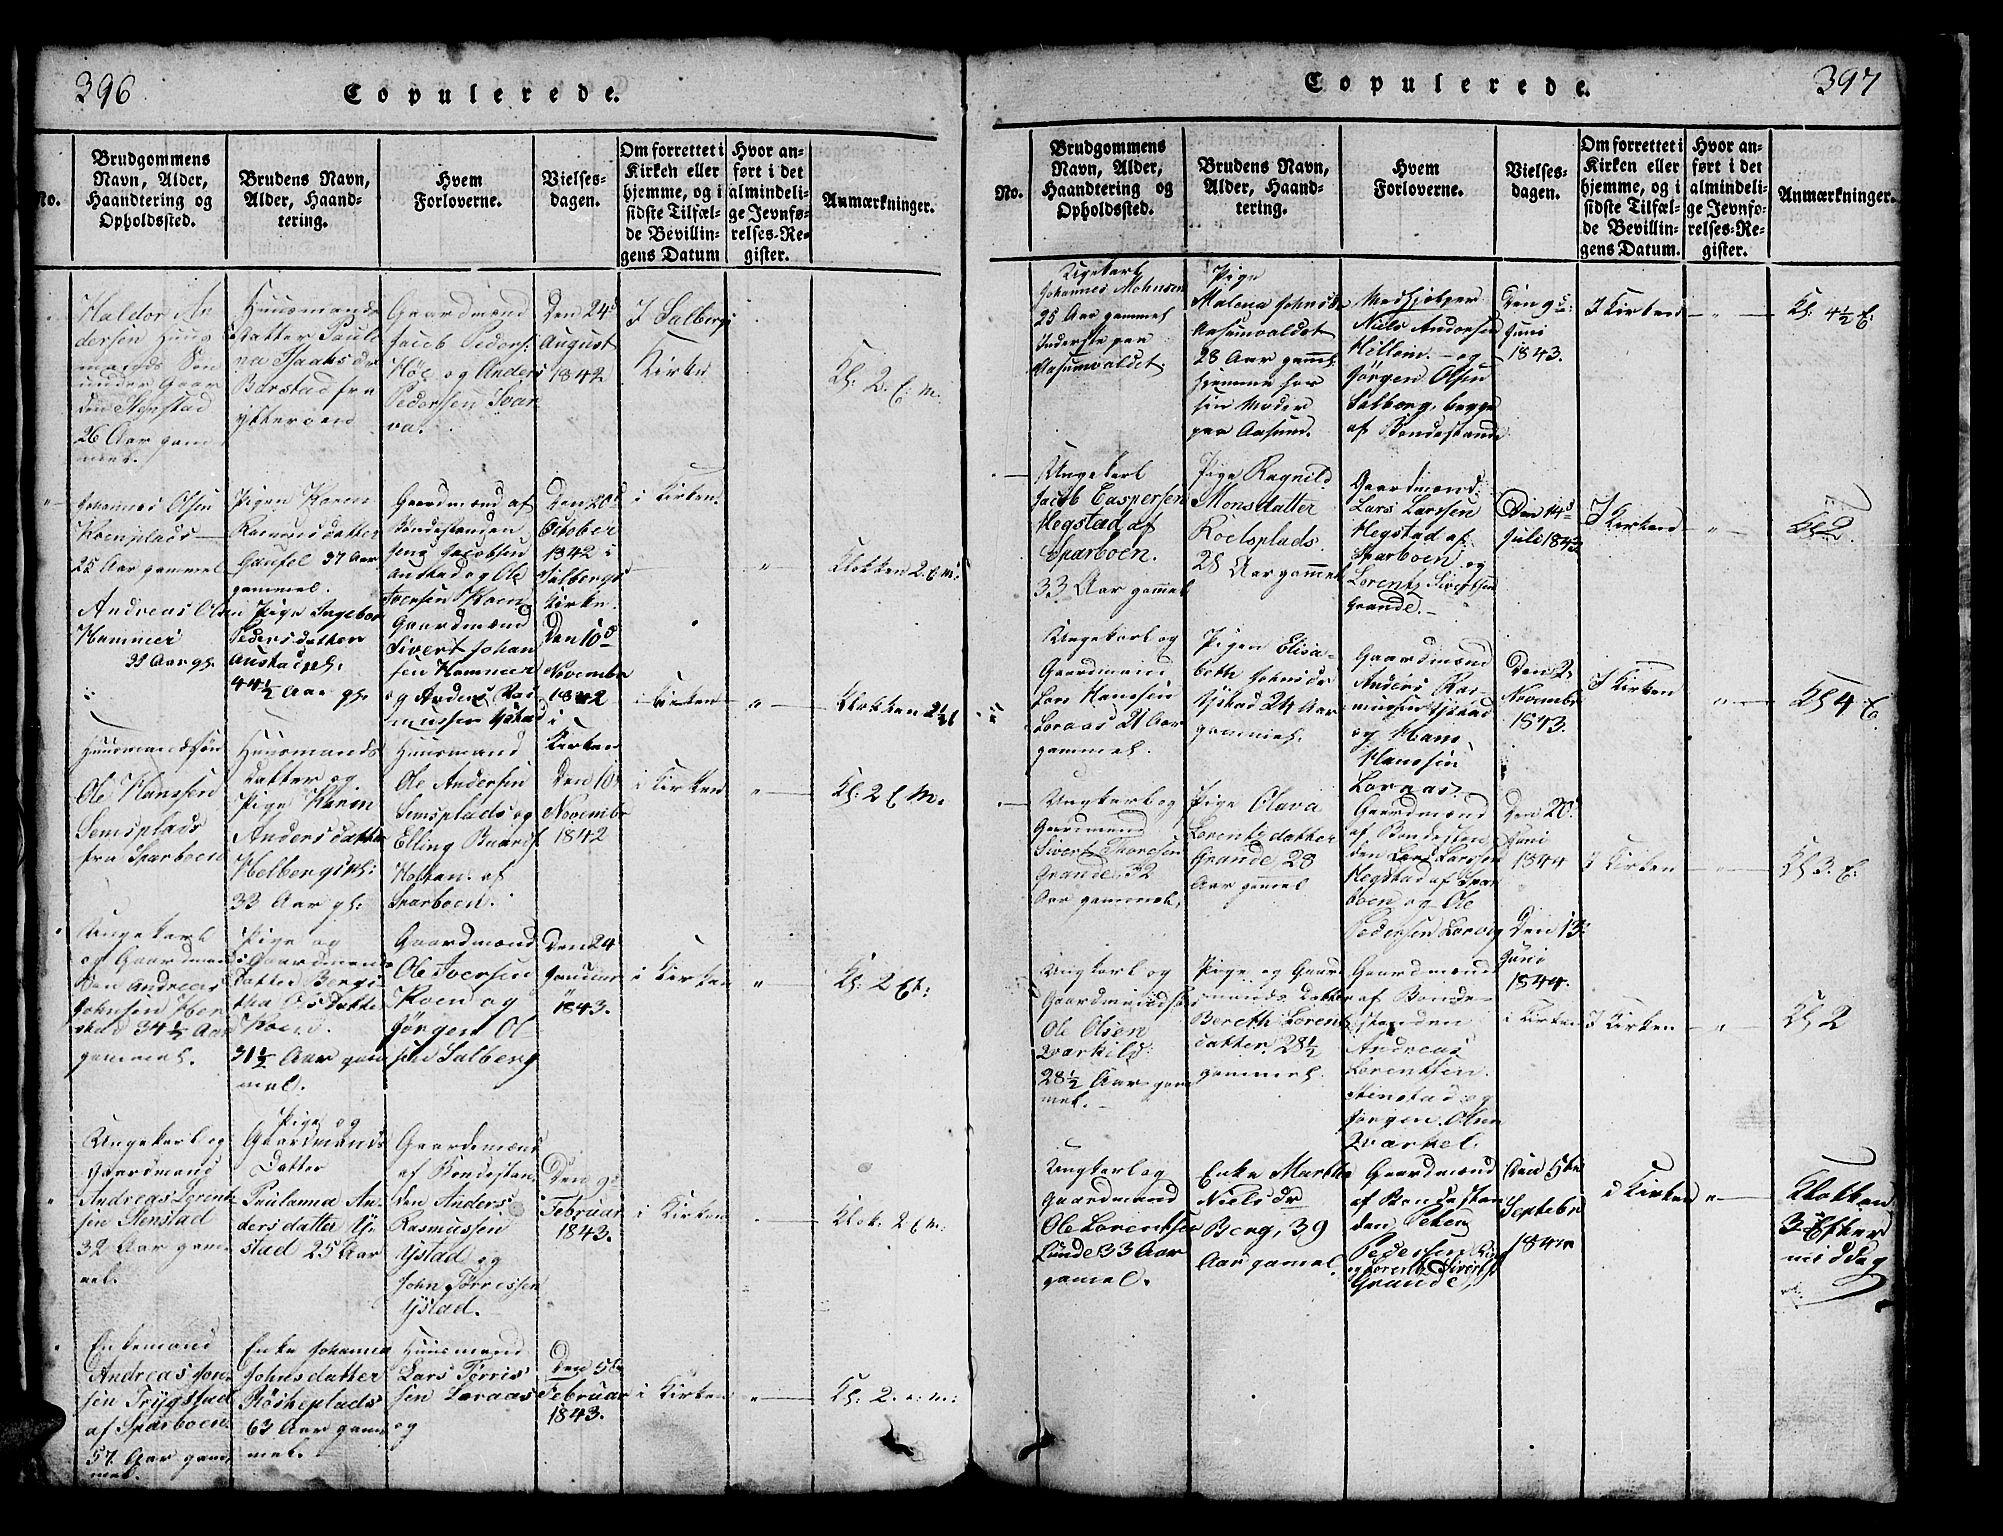 SAT, Ministerialprotokoller, klokkerbøker og fødselsregistre - Nord-Trøndelag, 731/L0310: Klokkerbok nr. 731C01, 1816-1874, s. 396-397